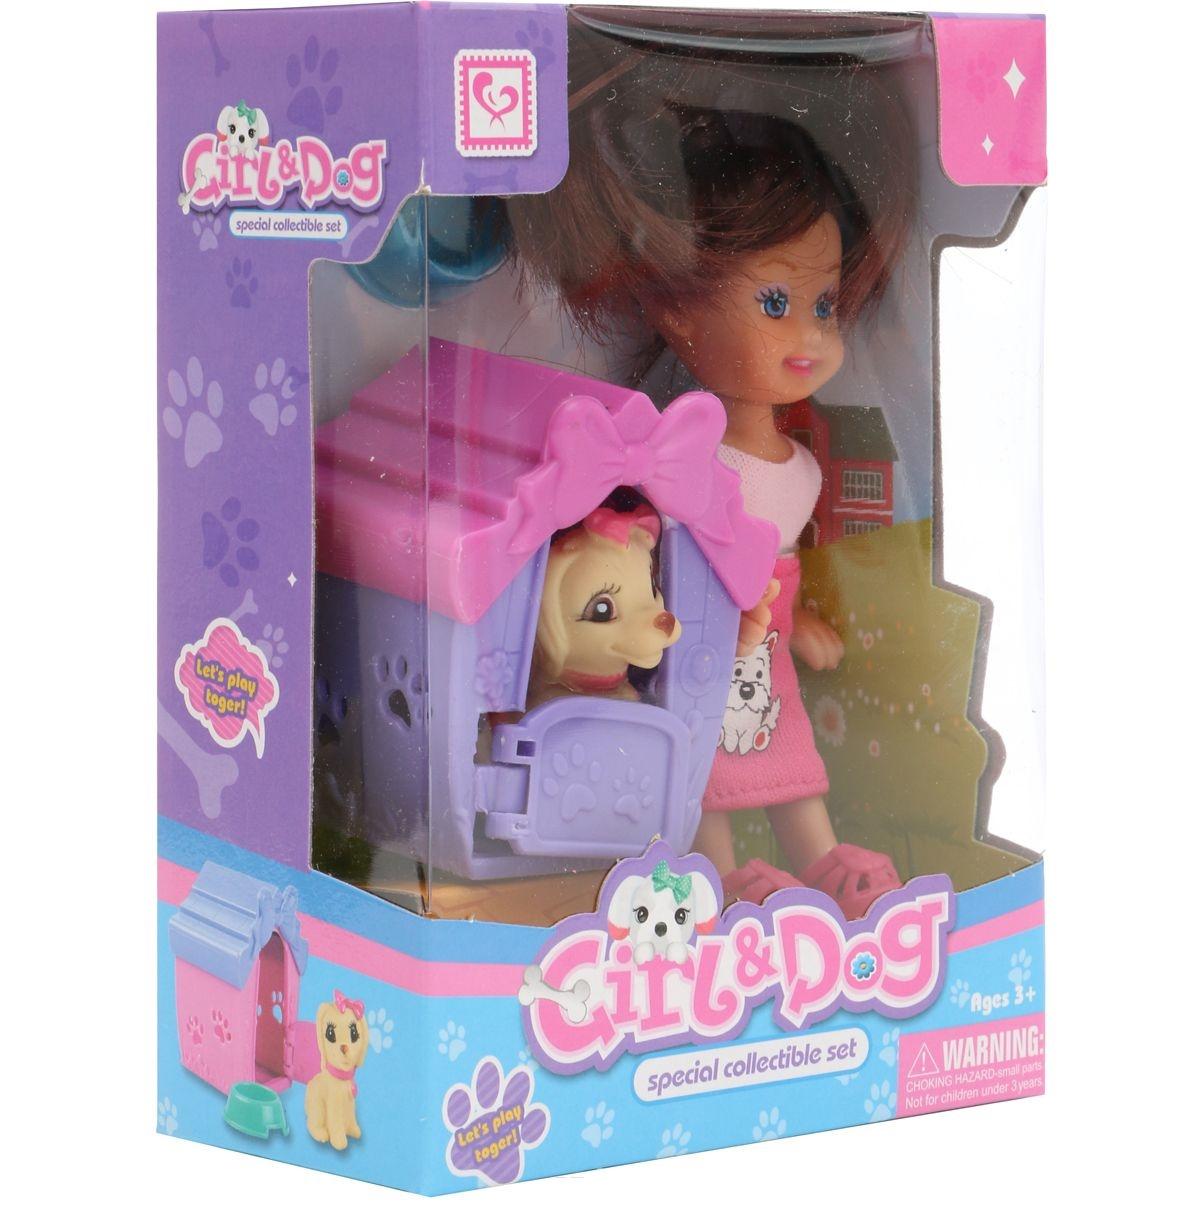 Мини-кукла No Name K080186 с собачкой и аксессуарами, 1006436 розовый мини кукла no name k080189 с мотоциклом и аксессуарами 1006440 розовый